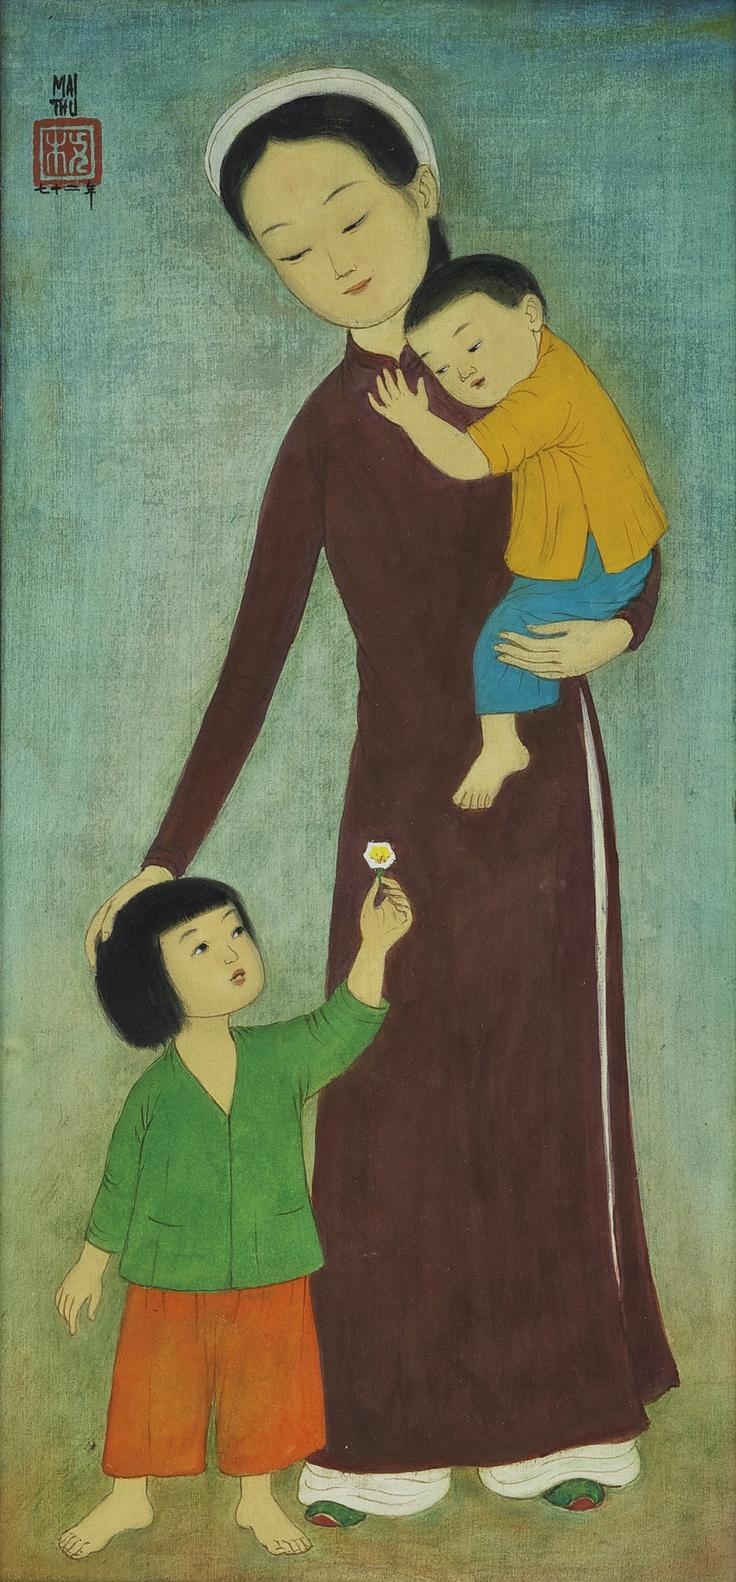 MAI TRUNG THU  1906-1980  FILLE ET GARCON AVEC MAMAN (MOTHER AND CHILDREN)